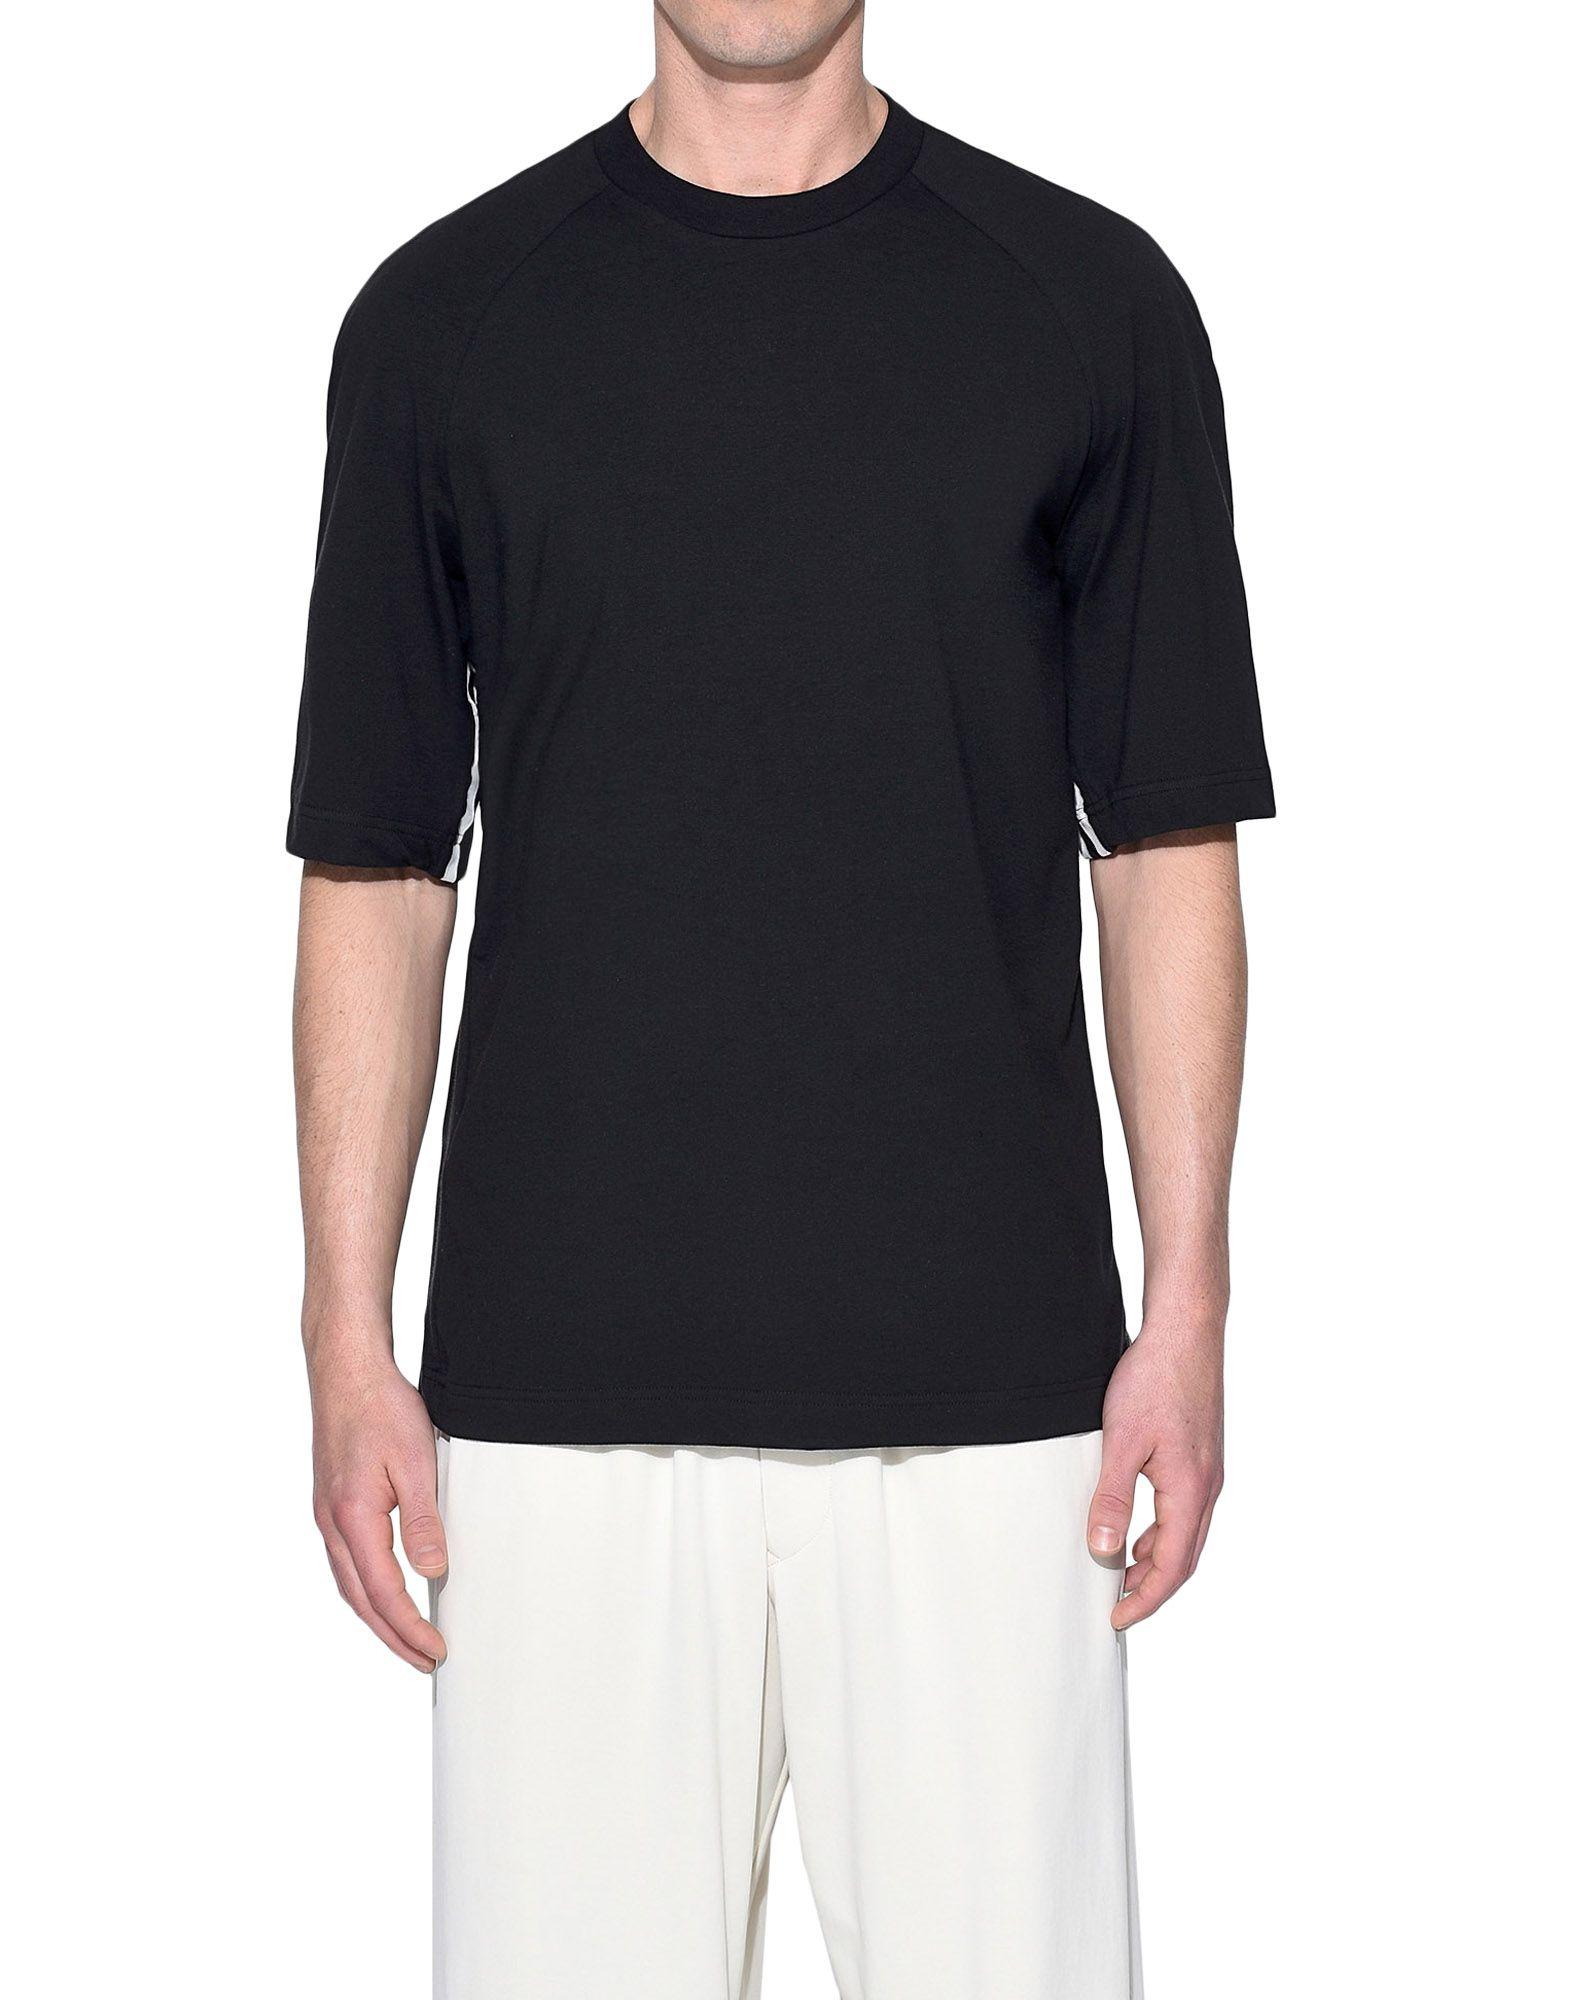 Y-3 Y-3 3-Stripes Tee Short sleeve t-shirt Man r